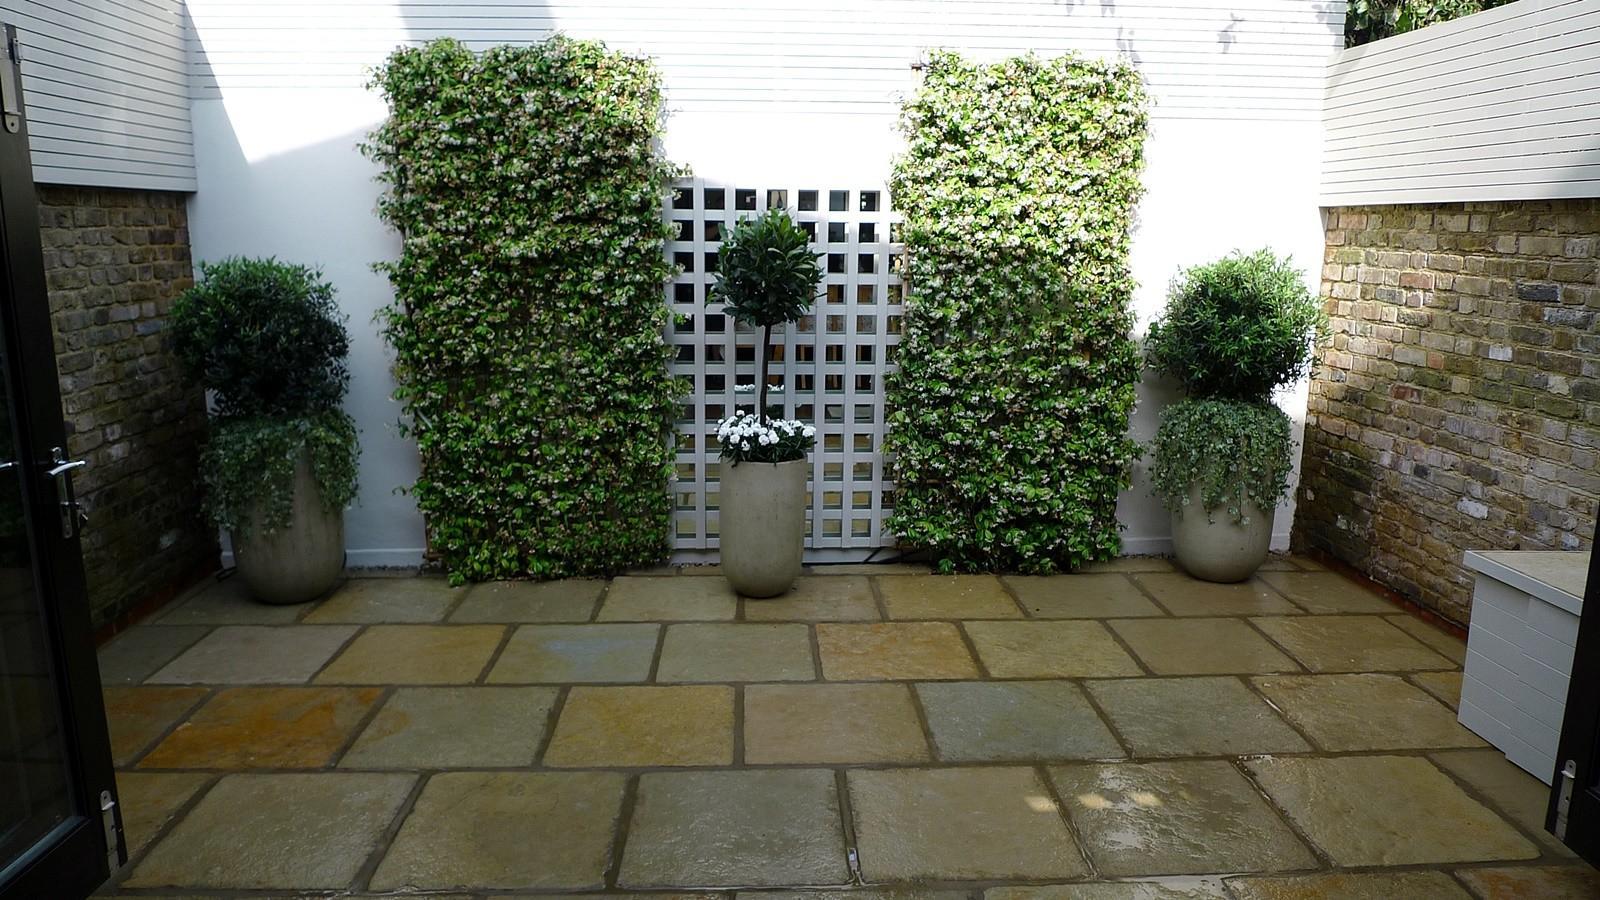 Courtyard Minimalist Contemporary Garden Design Decoratorist 24891